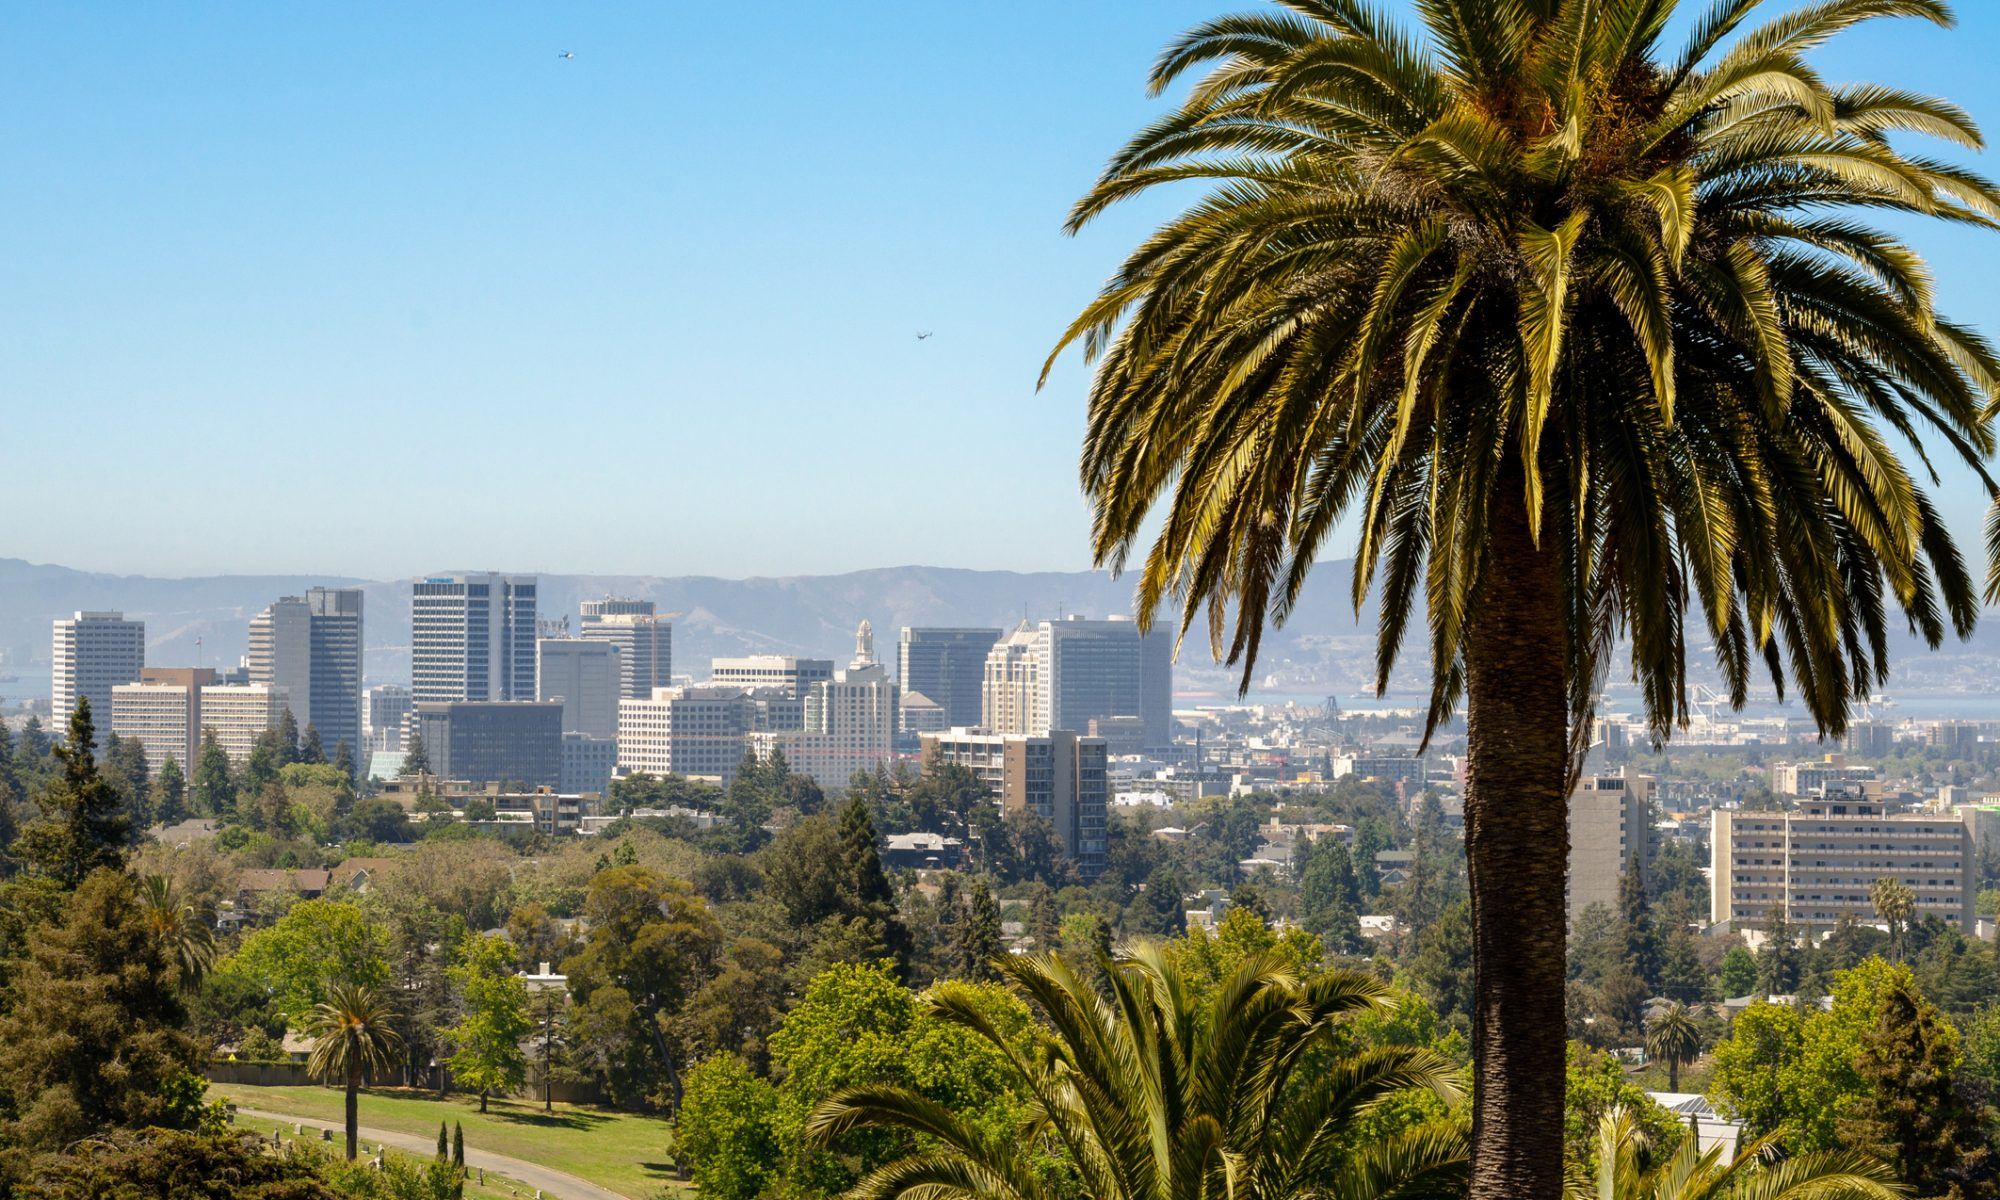 Palmtree in Oakland